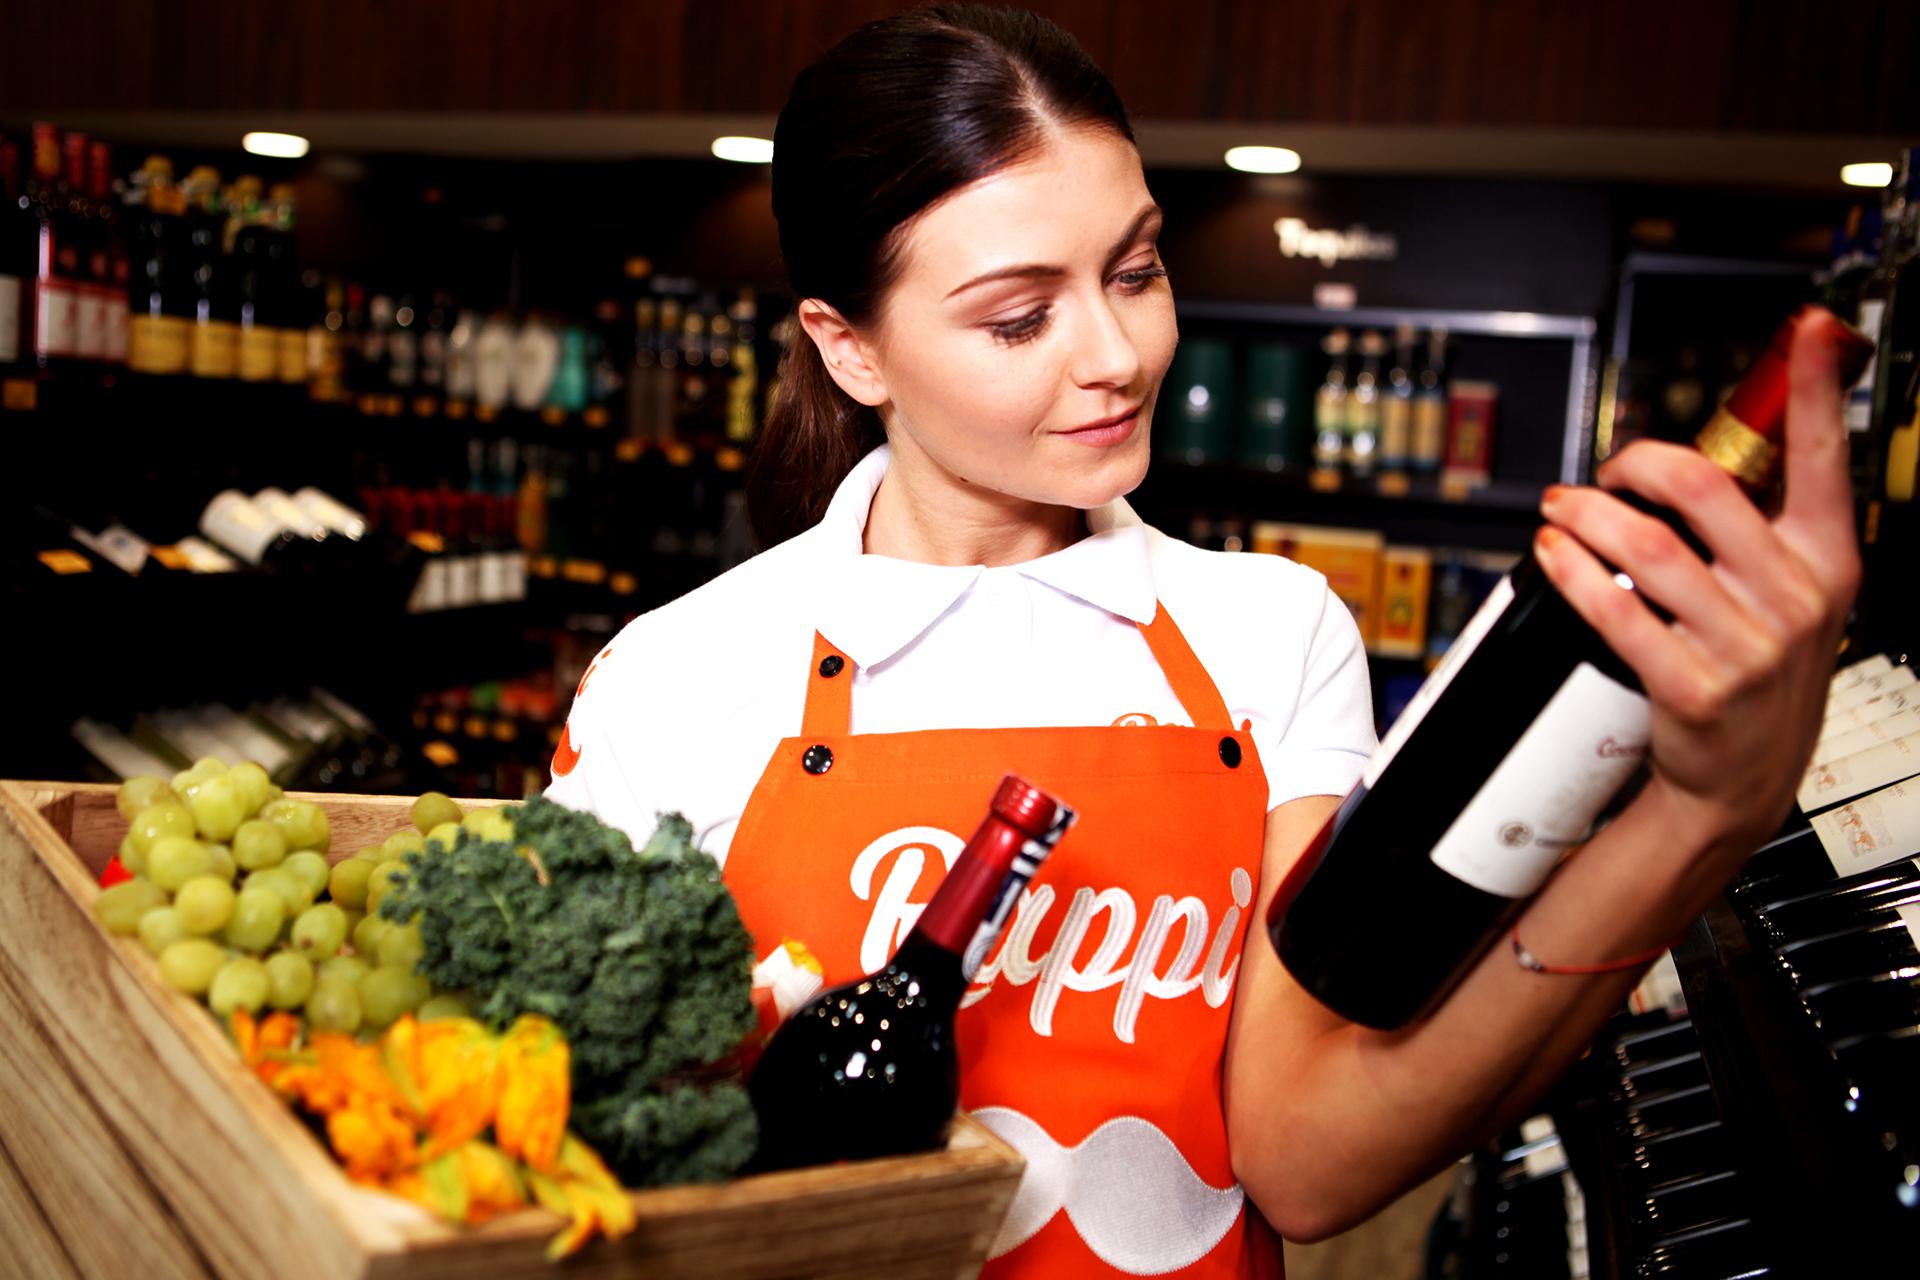 Rappi también tiene un servicio de compras en supermercados